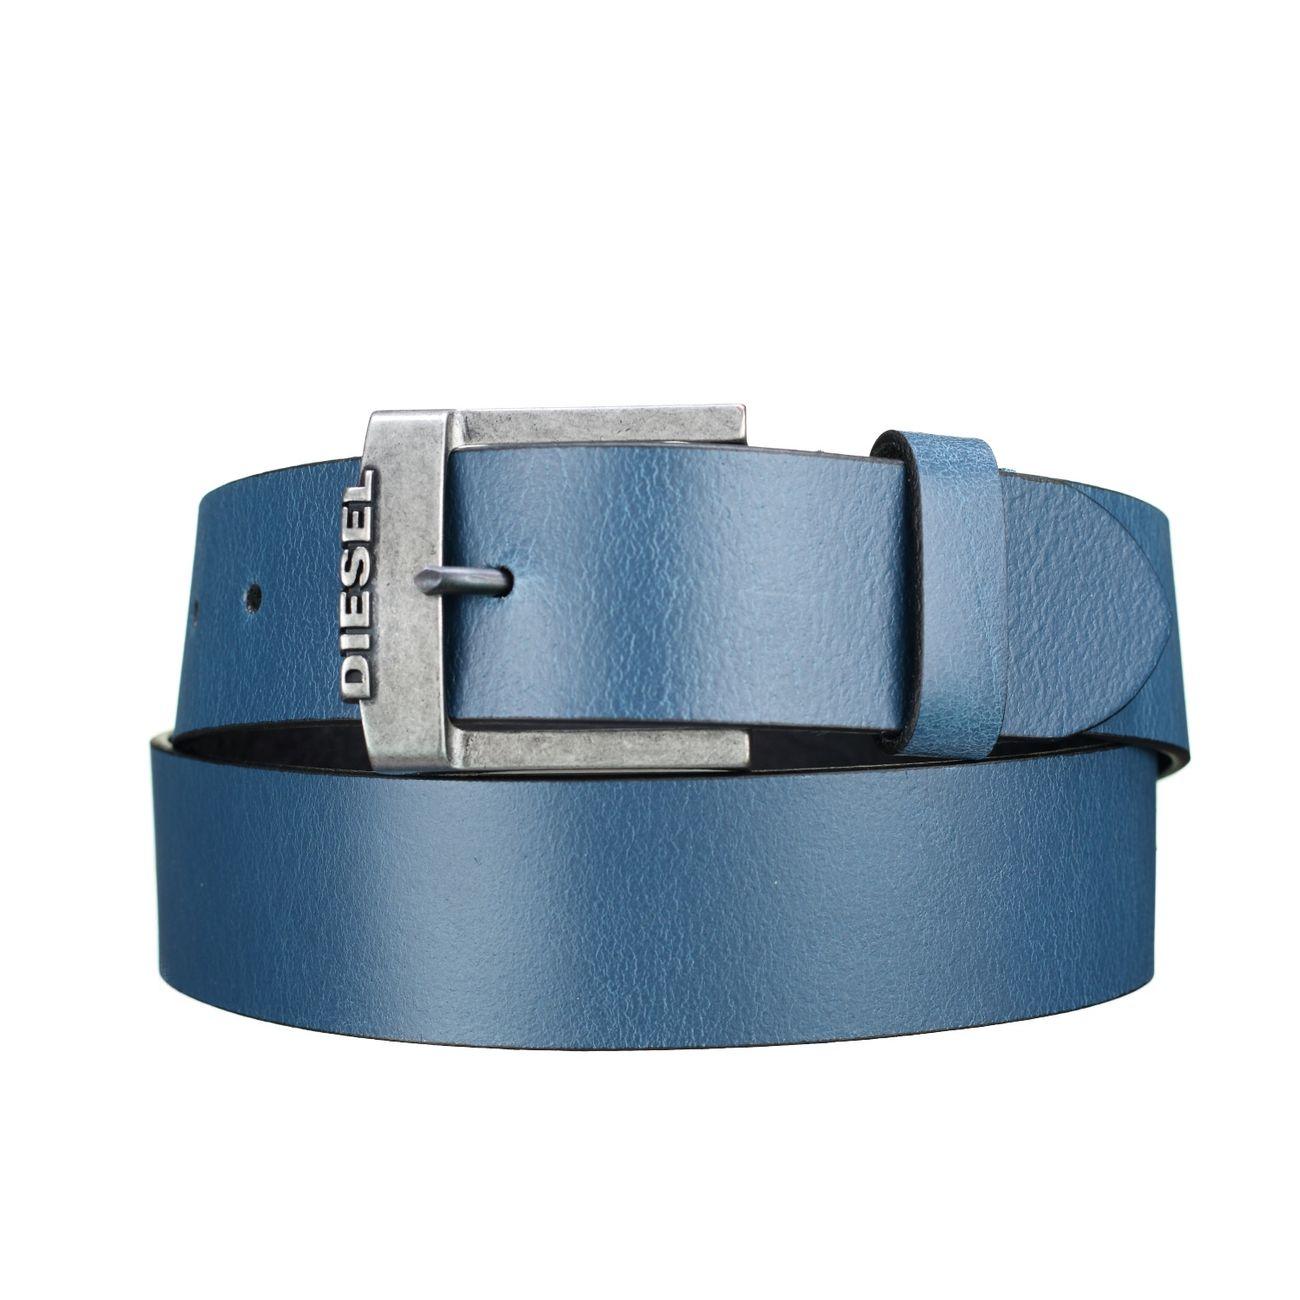 Ceinture Diesel B-deal T6056 Bleu – achat et prix pas cher - Go Sport f03142bf253